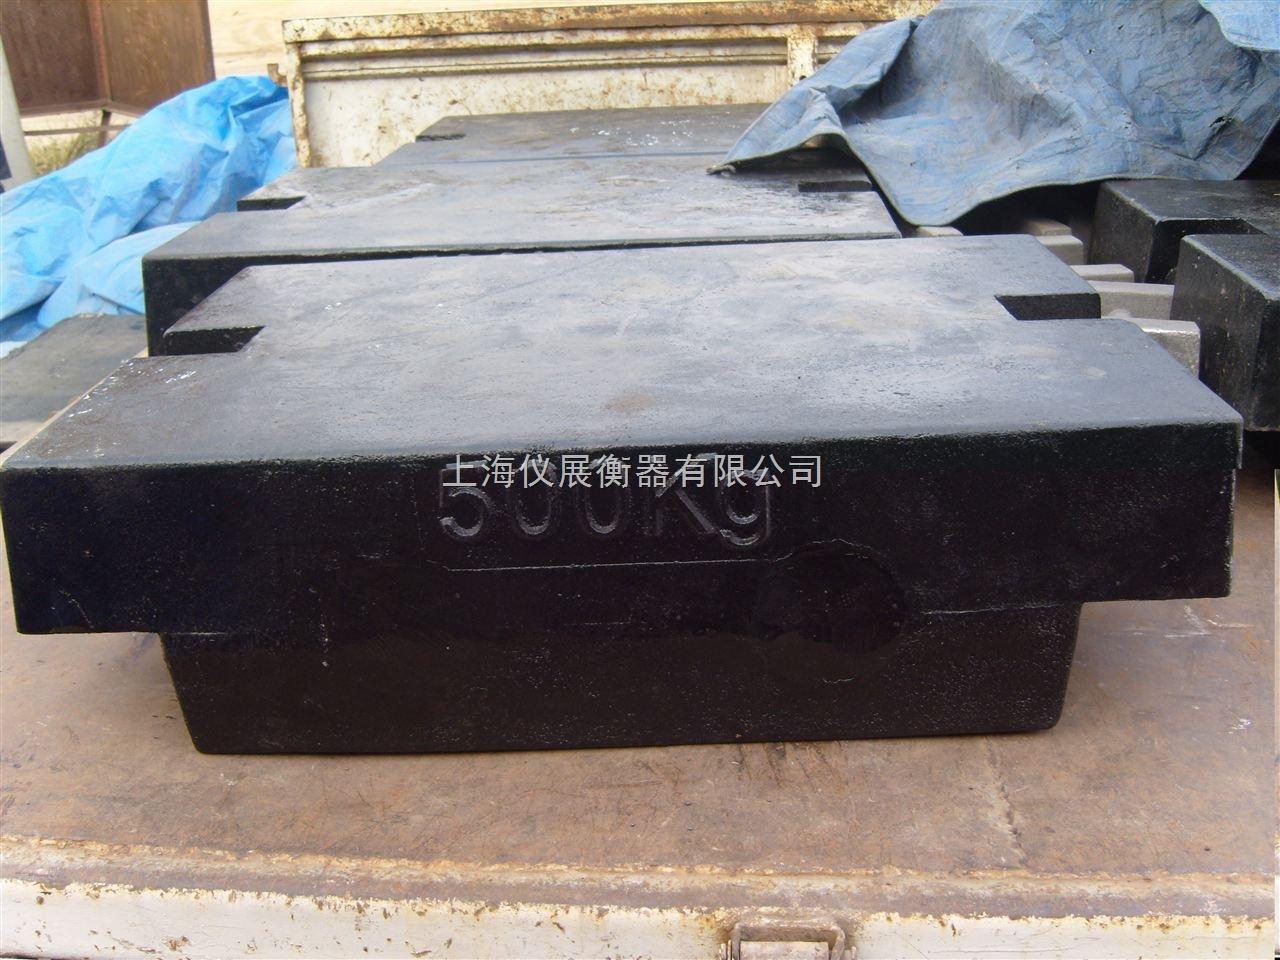 铸铁20kg标准砝码(电梯砝码多少钱)